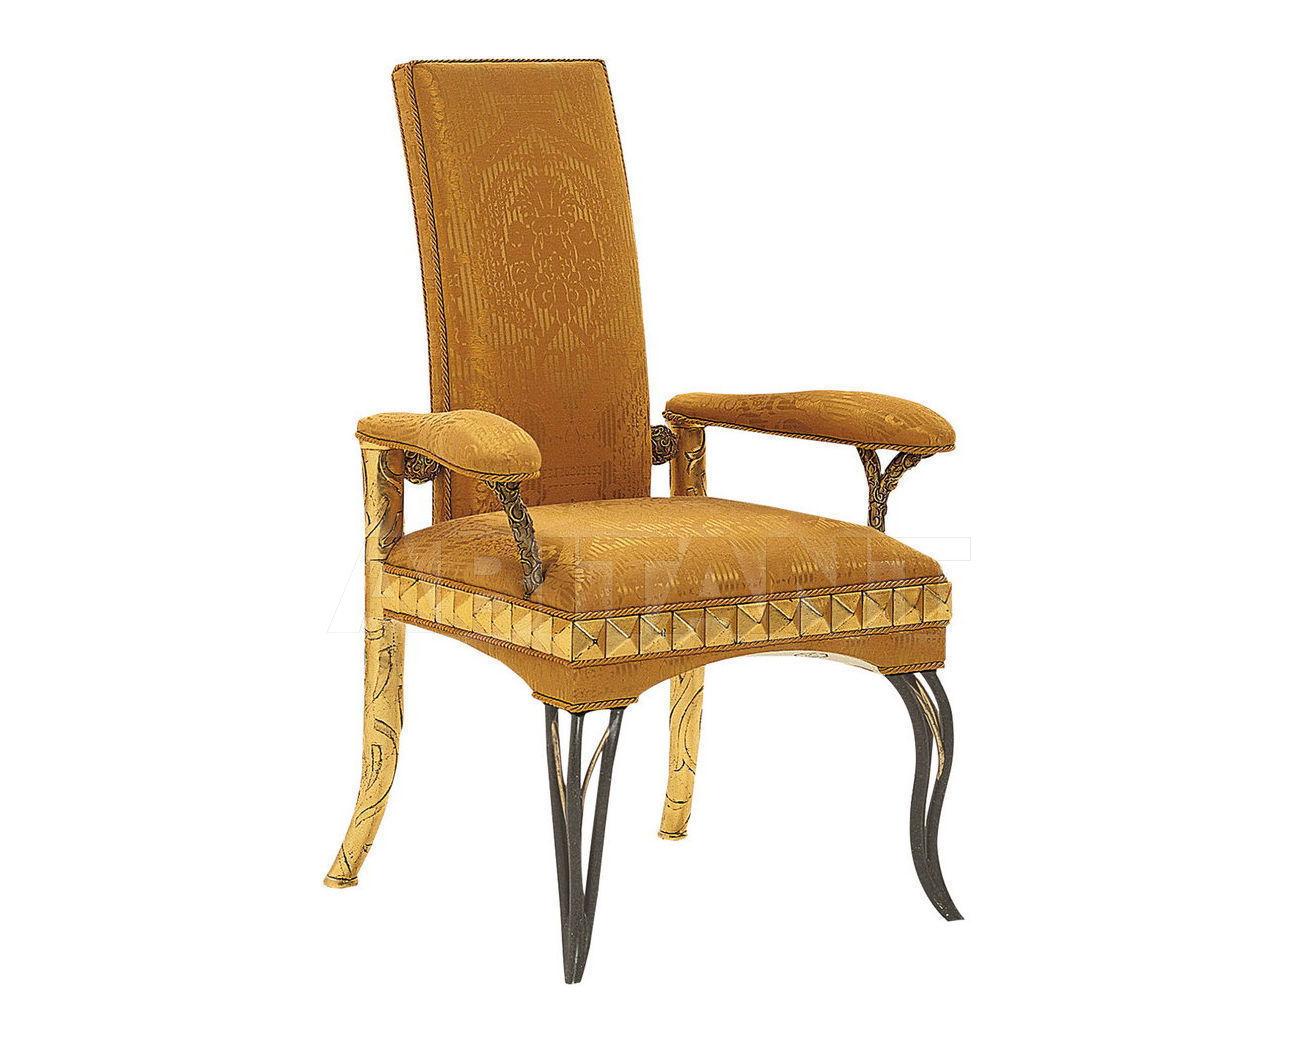 Купить Кресло Colombostile s.p.a. Xxi Secolo Un Mondo Aperto/invito Al Viaggio 0222 SB